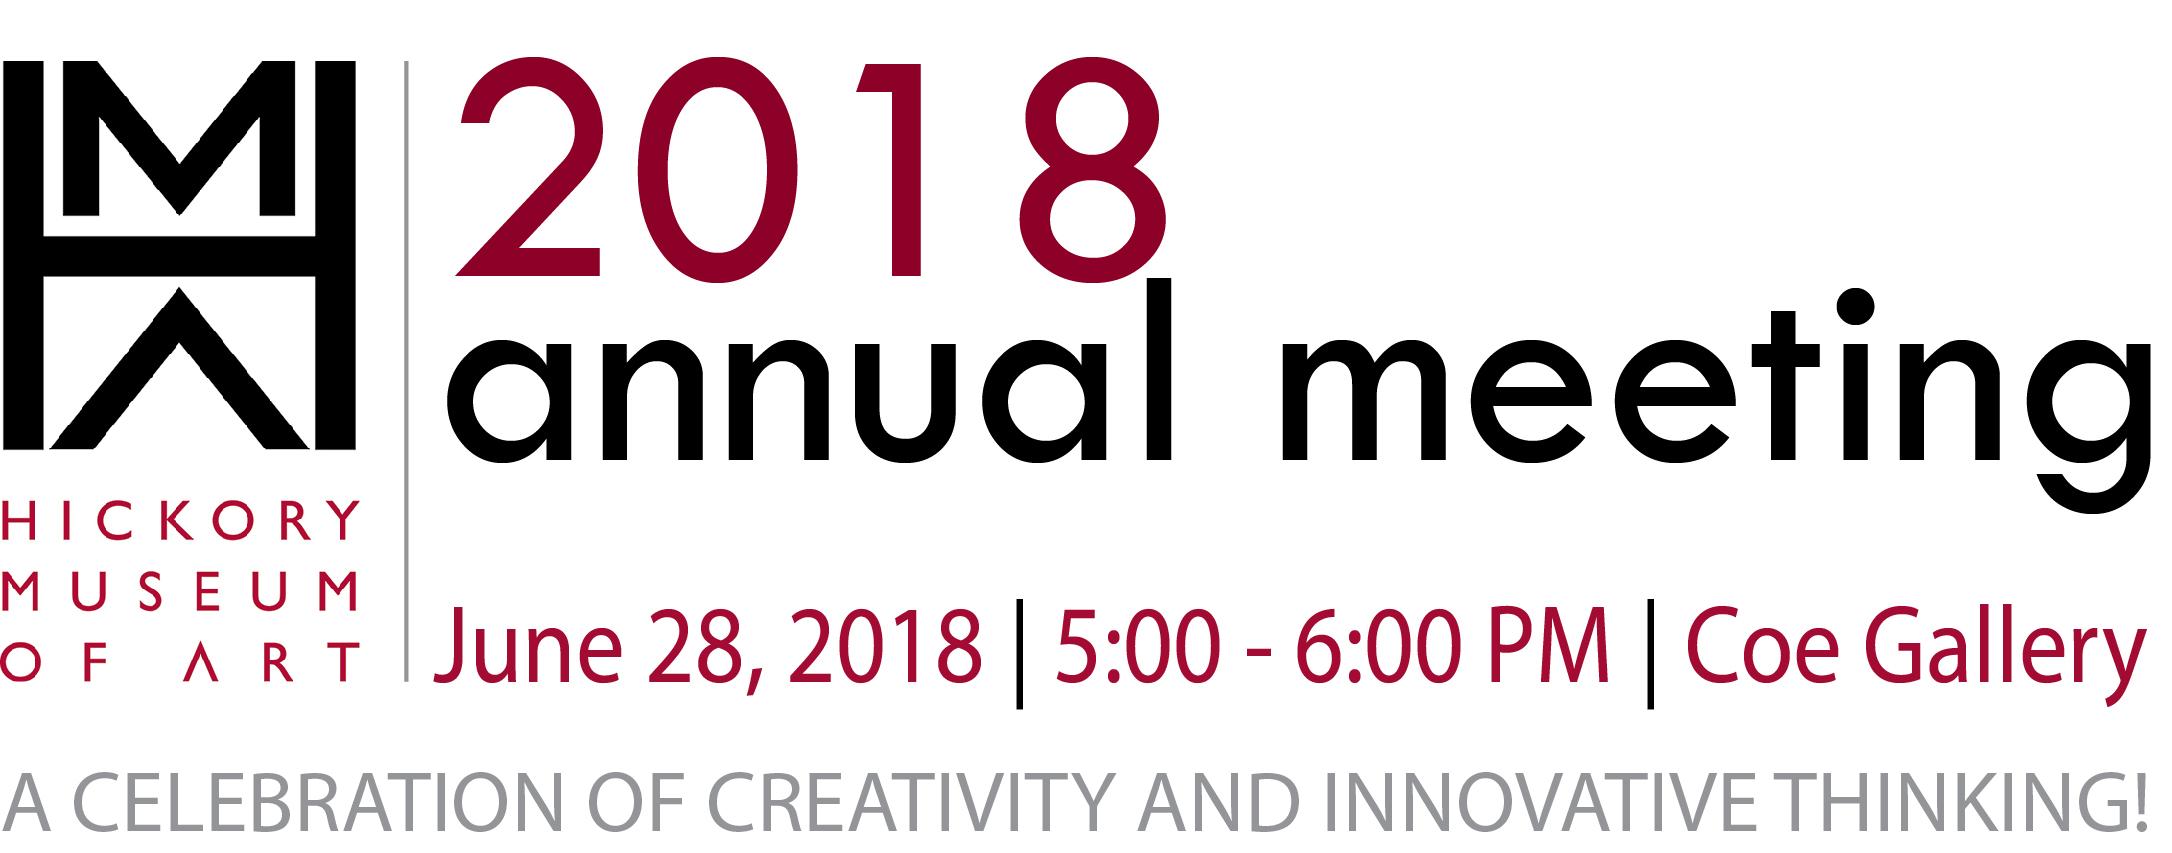 2018 Annual Meeting Logo.jpg